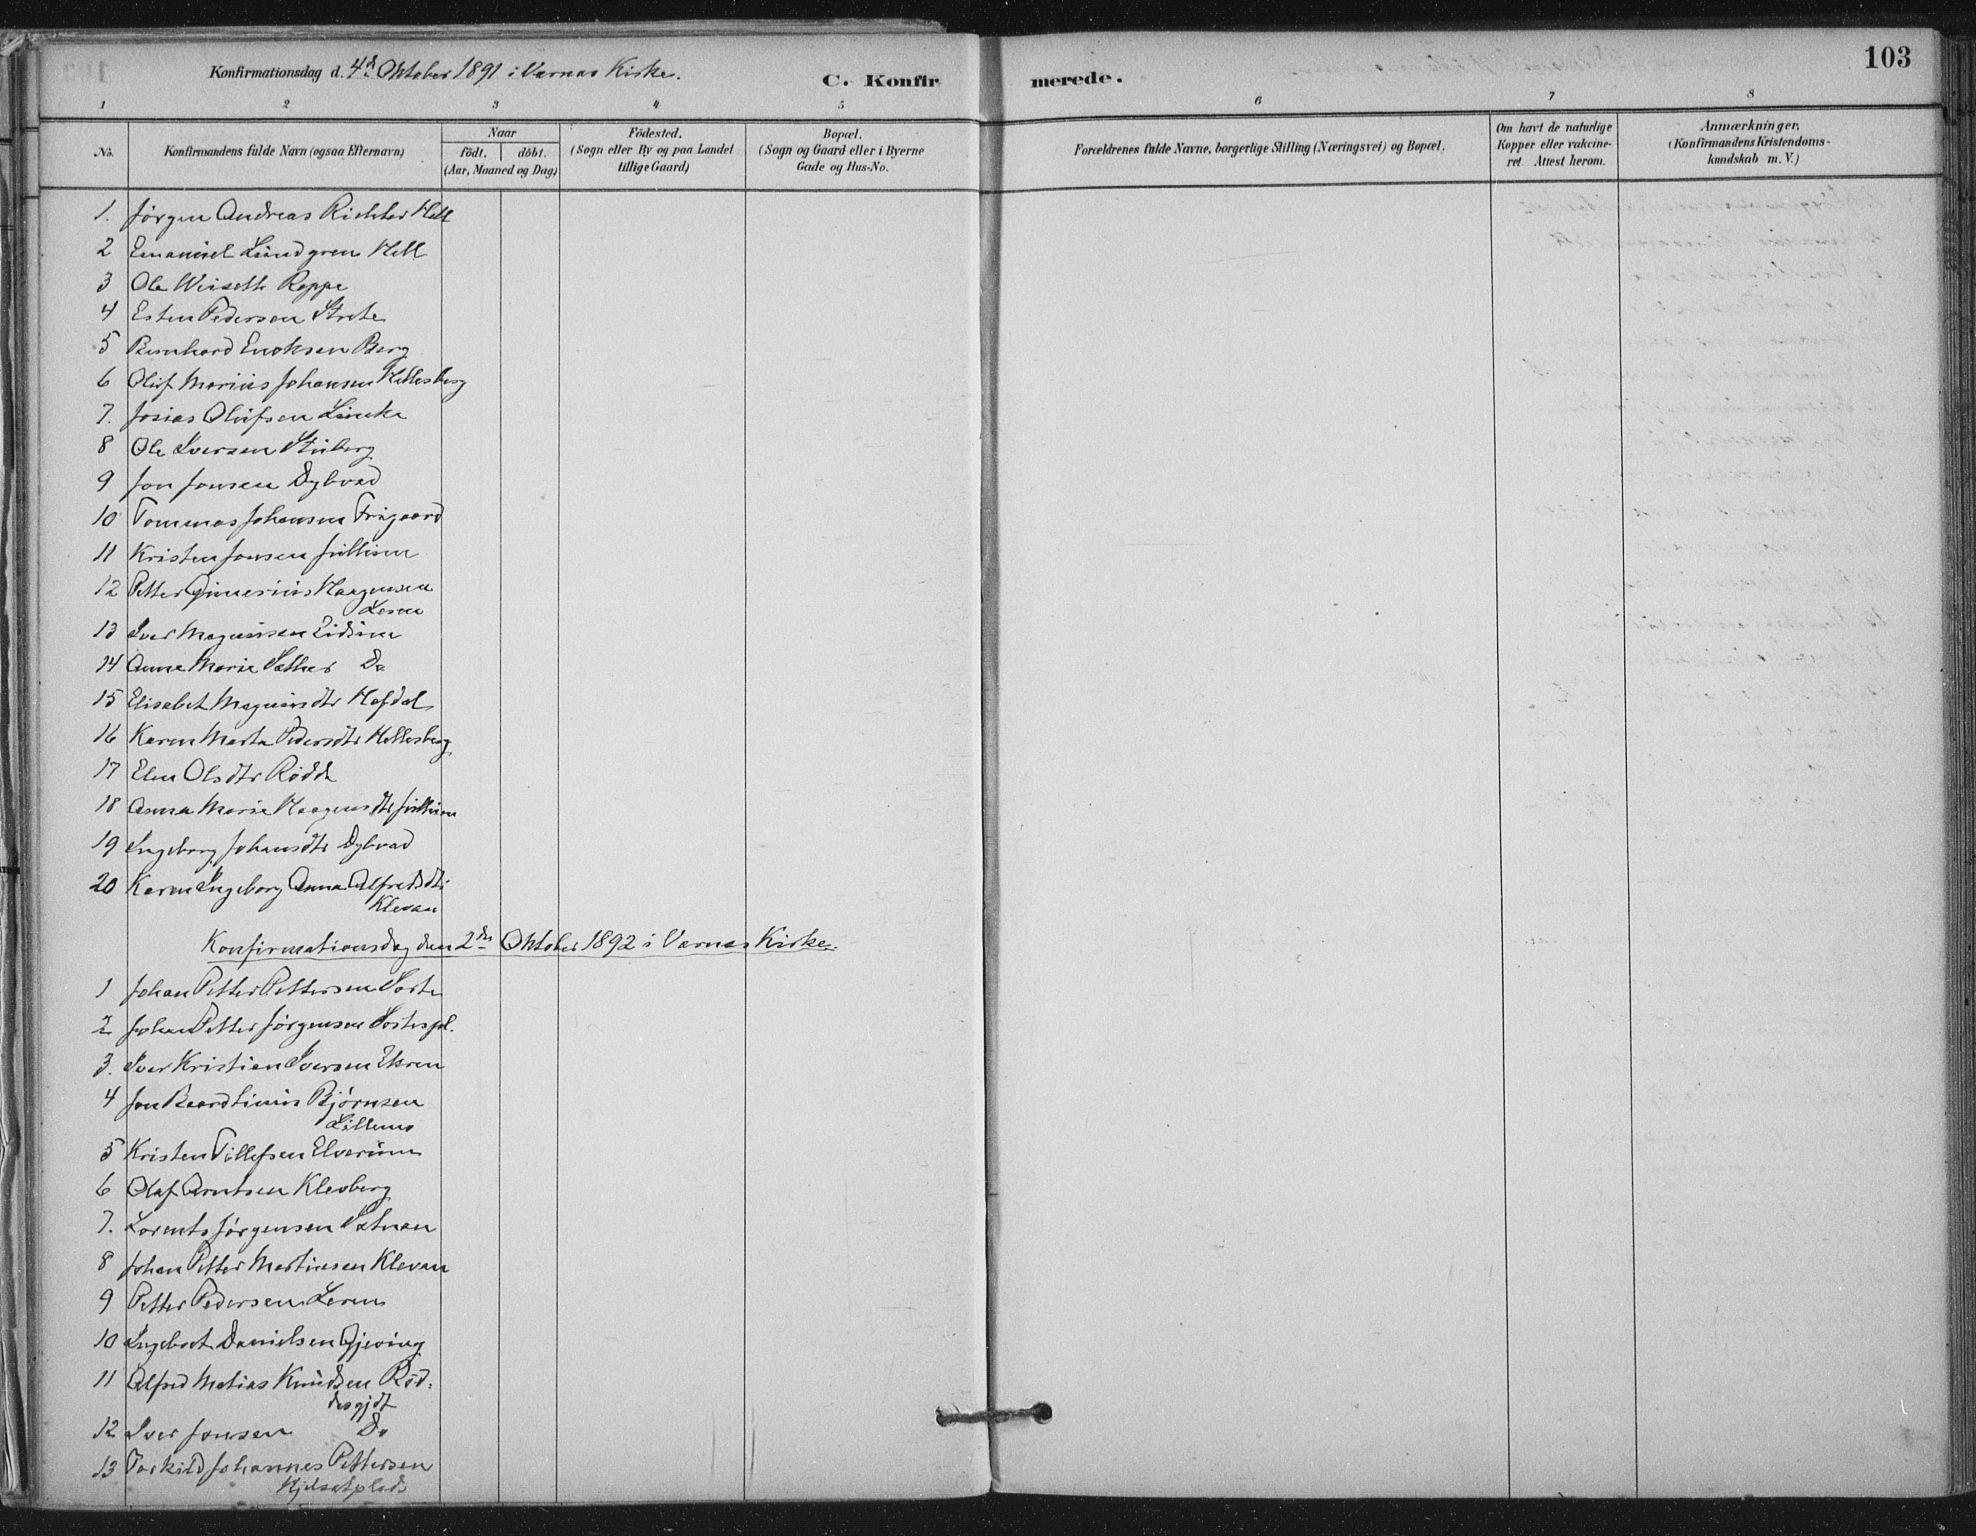 SAT, Ministerialprotokoller, klokkerbøker og fødselsregistre - Nord-Trøndelag, 710/L0095: Ministerialbok nr. 710A01, 1880-1914, s. 103